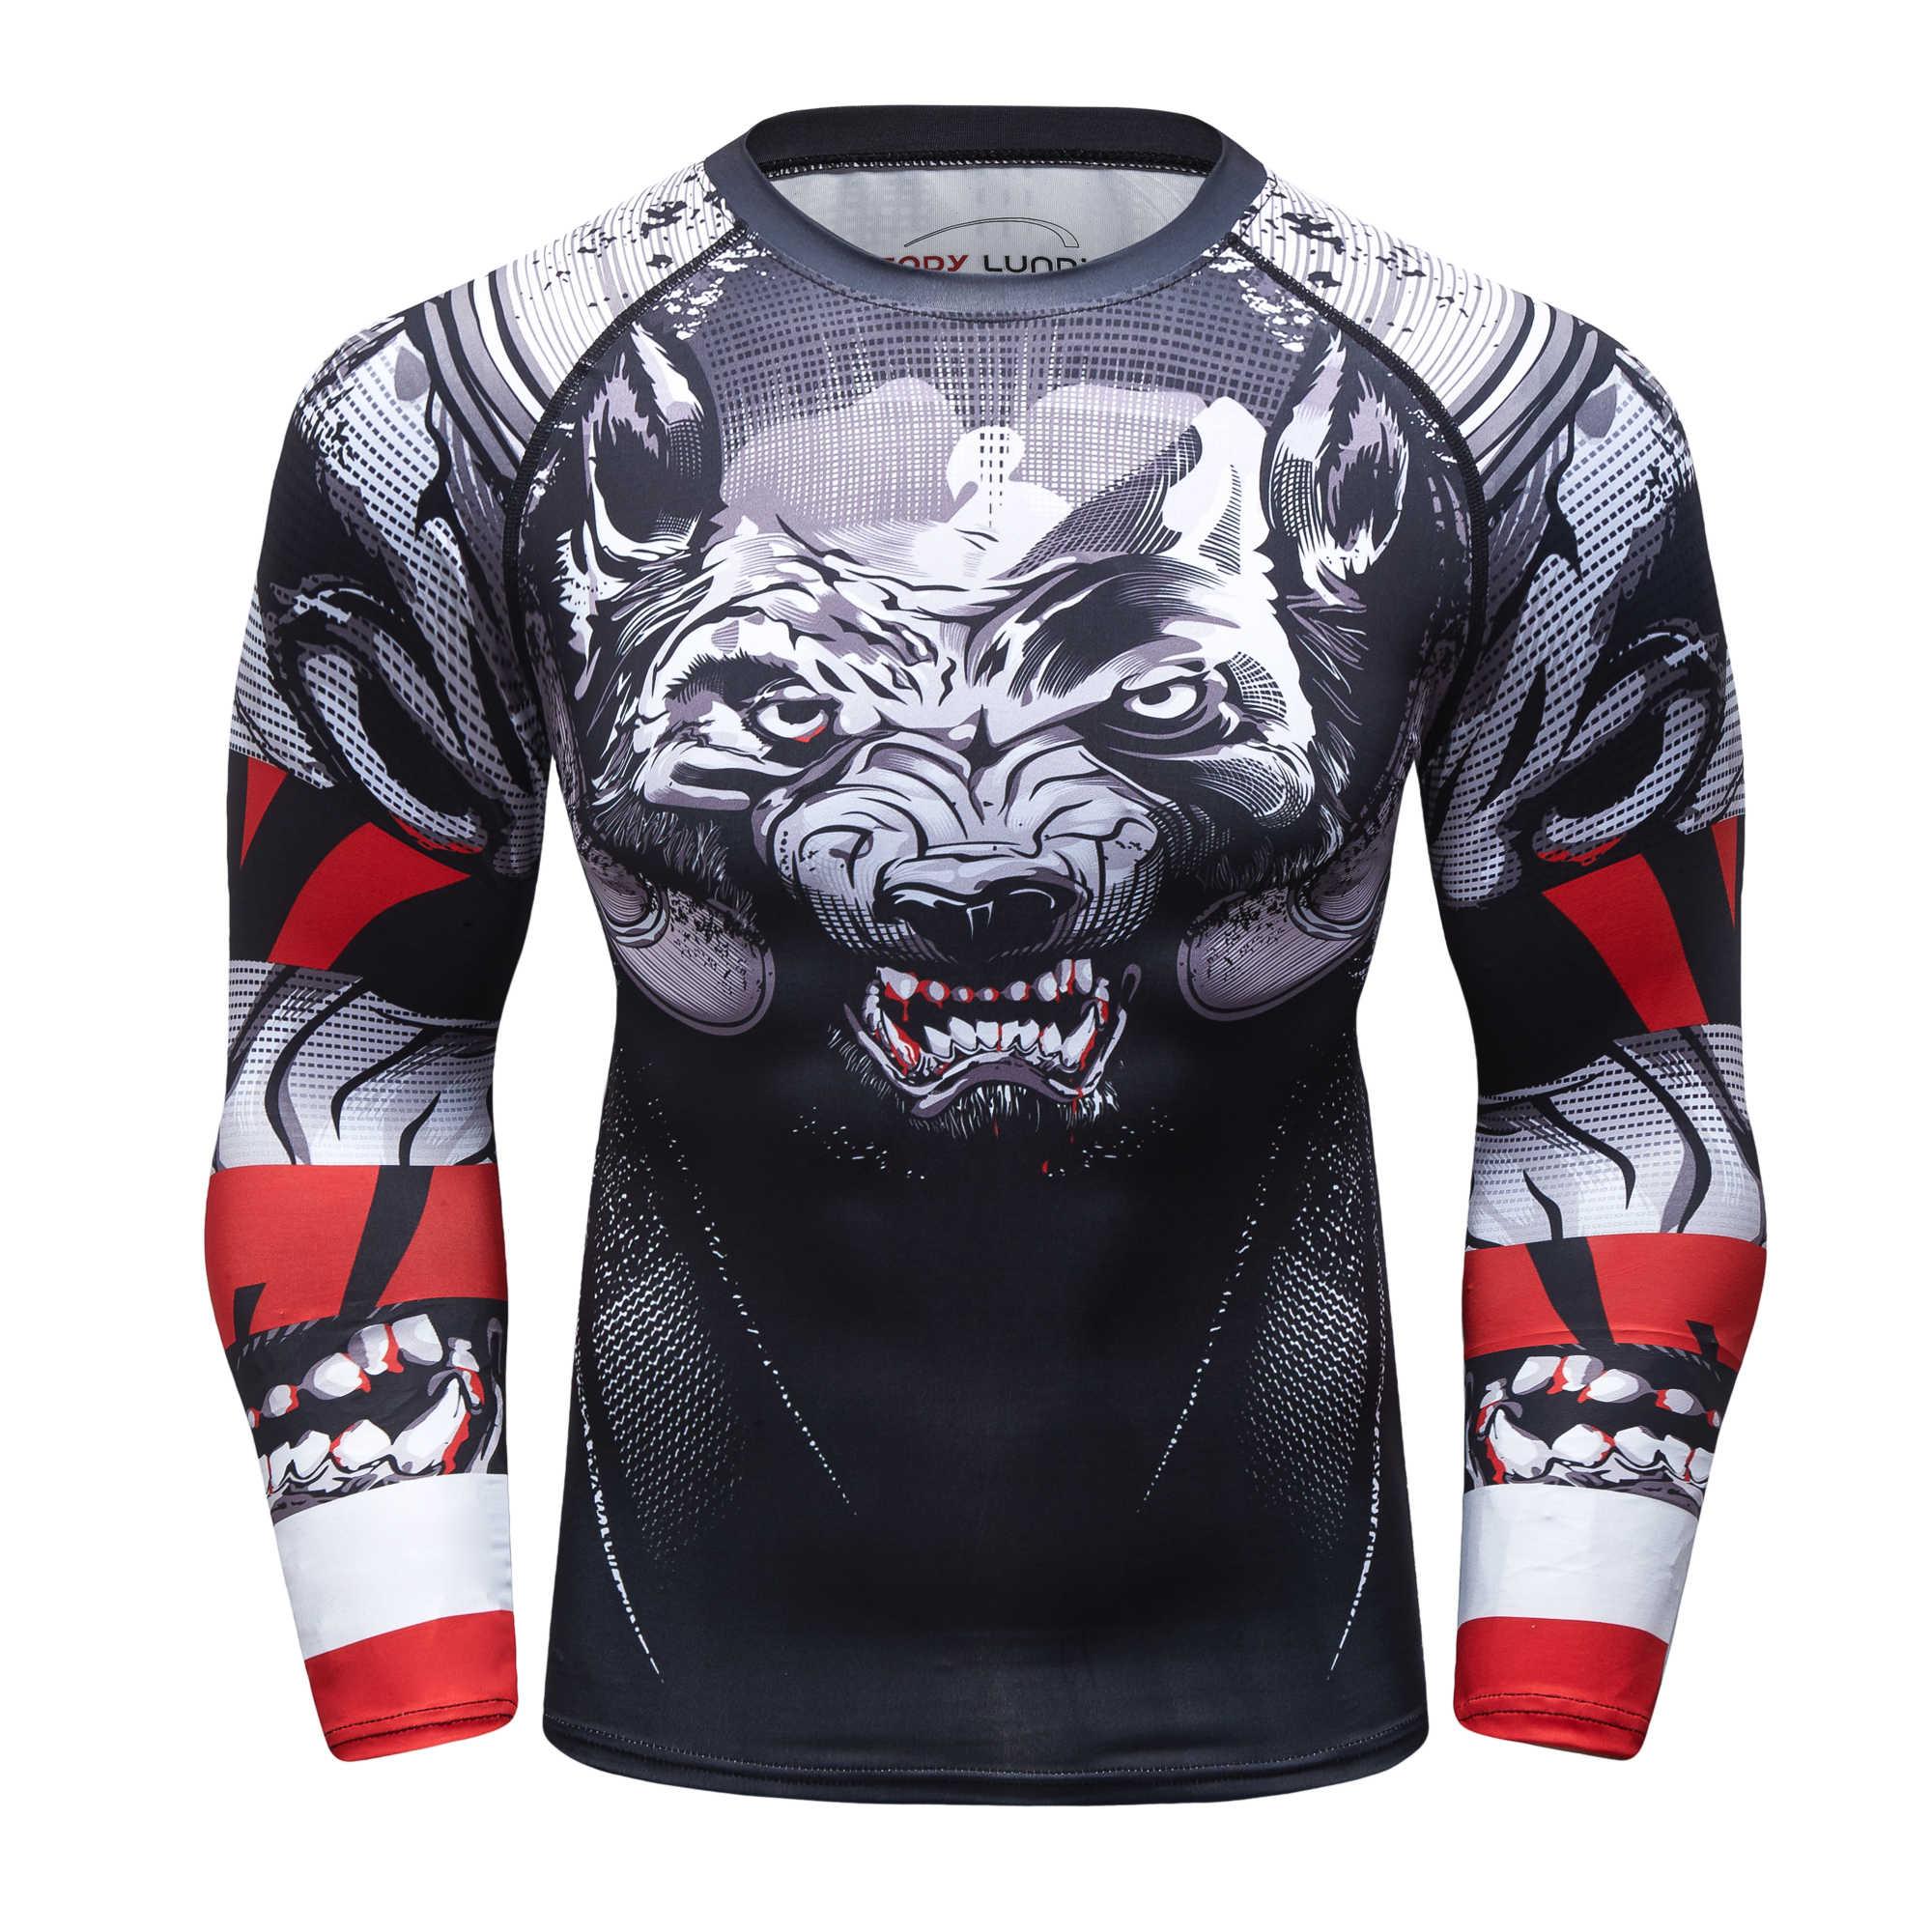 Sportswear impressão 3D apertado compressão da pele dos homens novos esportes T-shirt dos homens MMA Rashguard sportswear aptidão